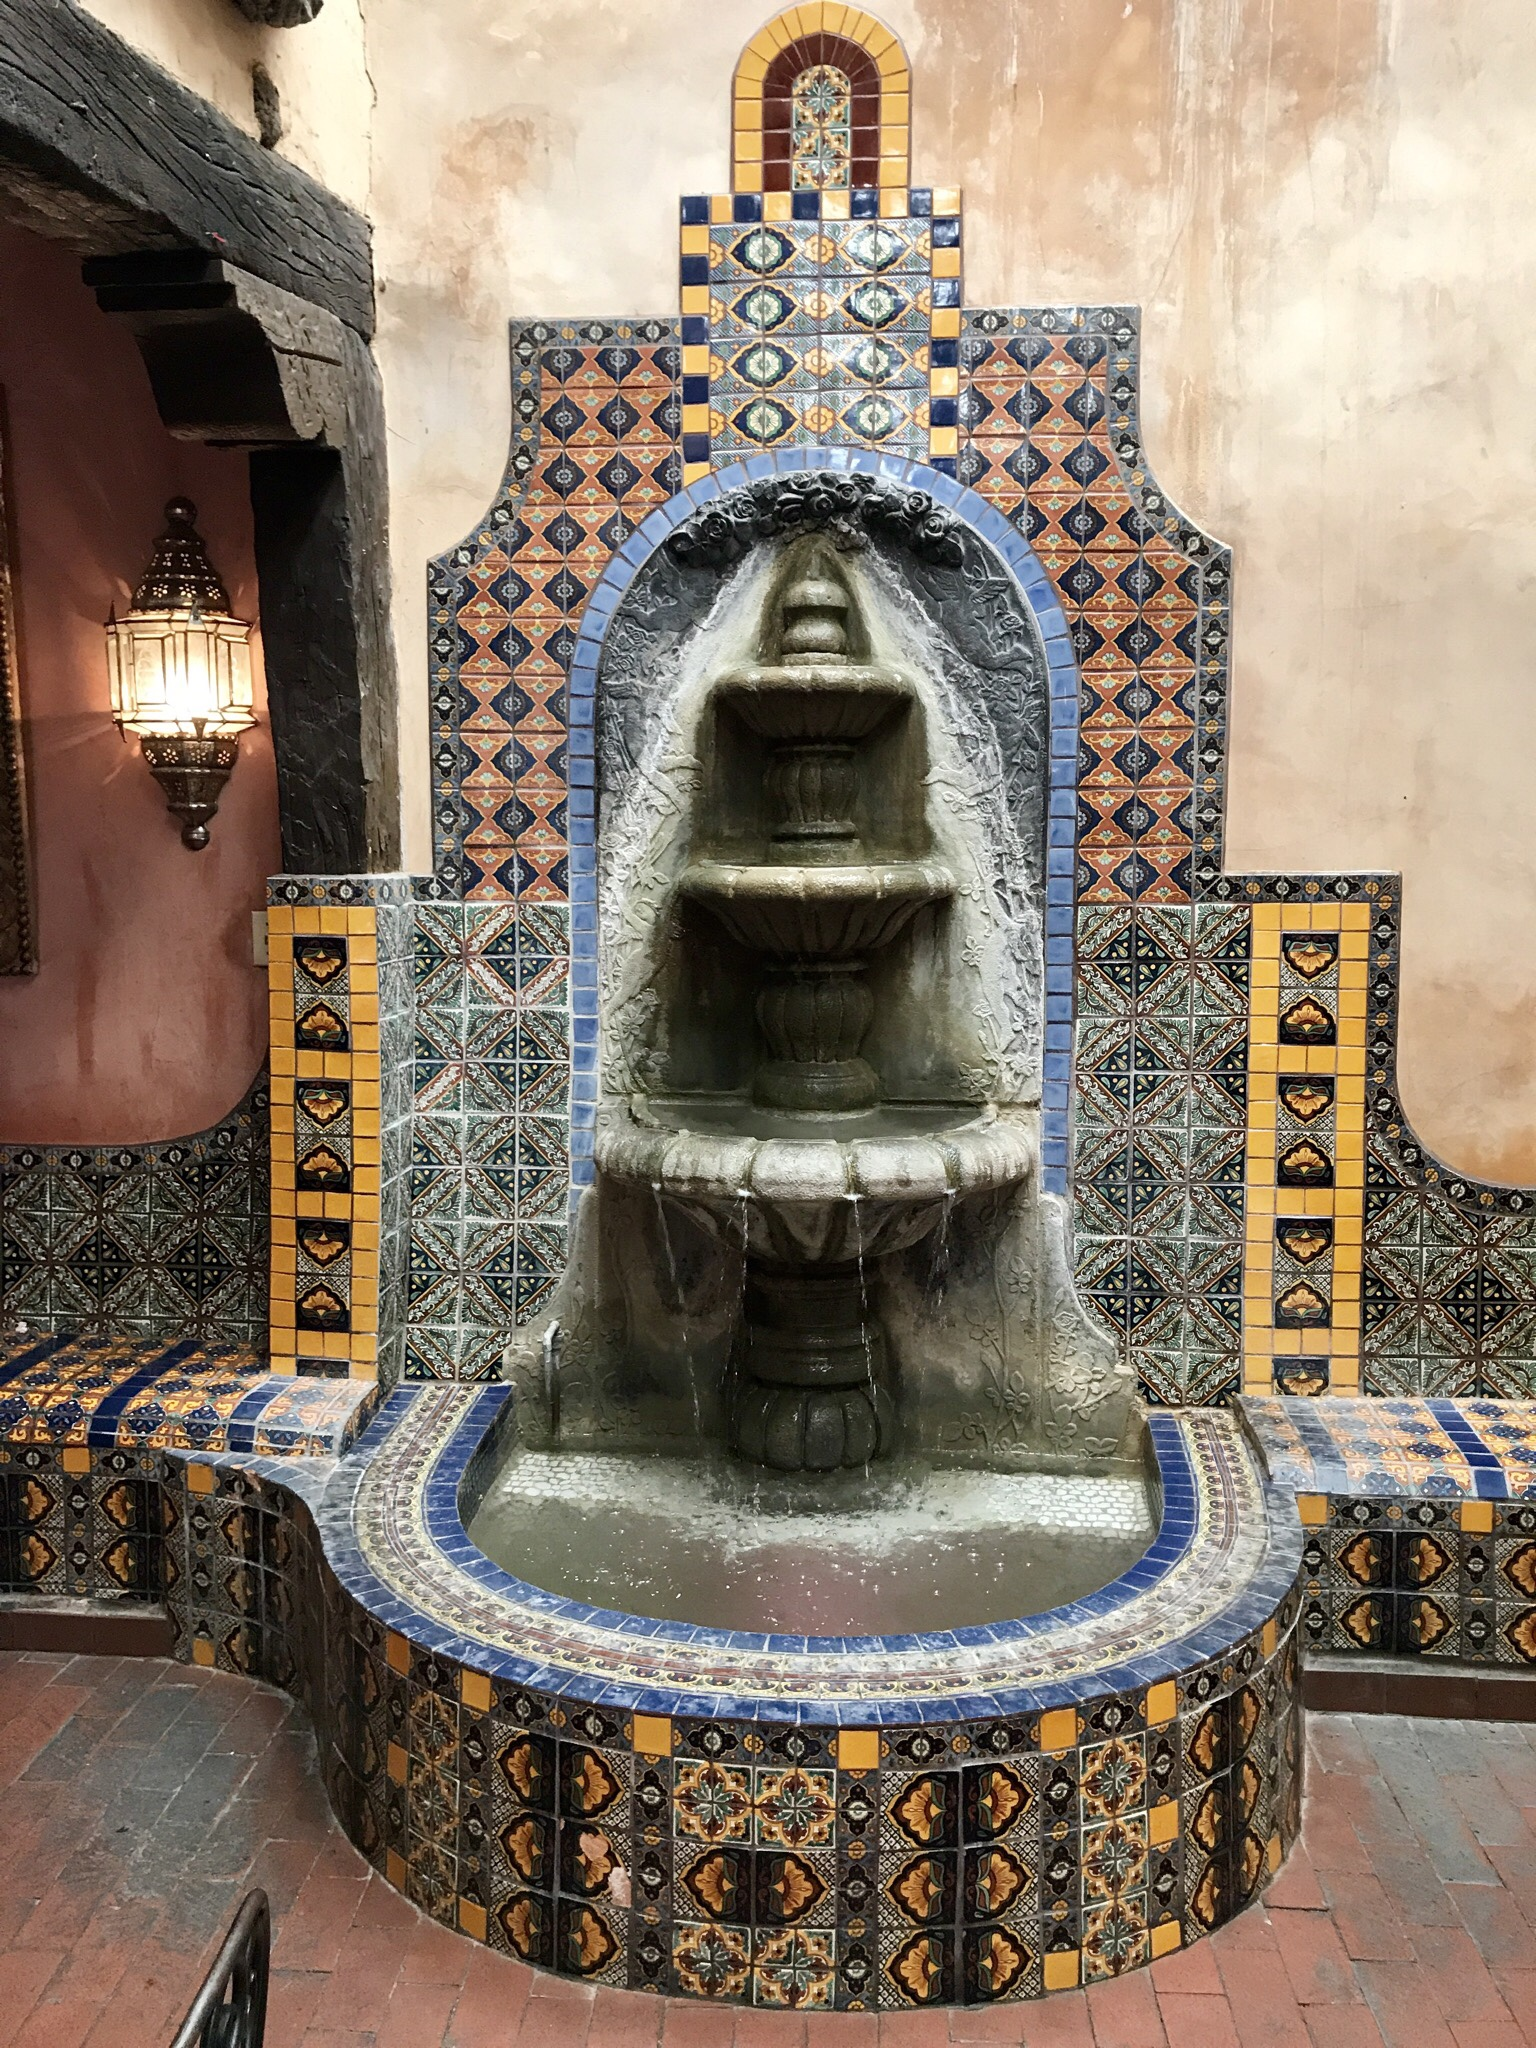 A fountain located inside the restaurant, La Posta.